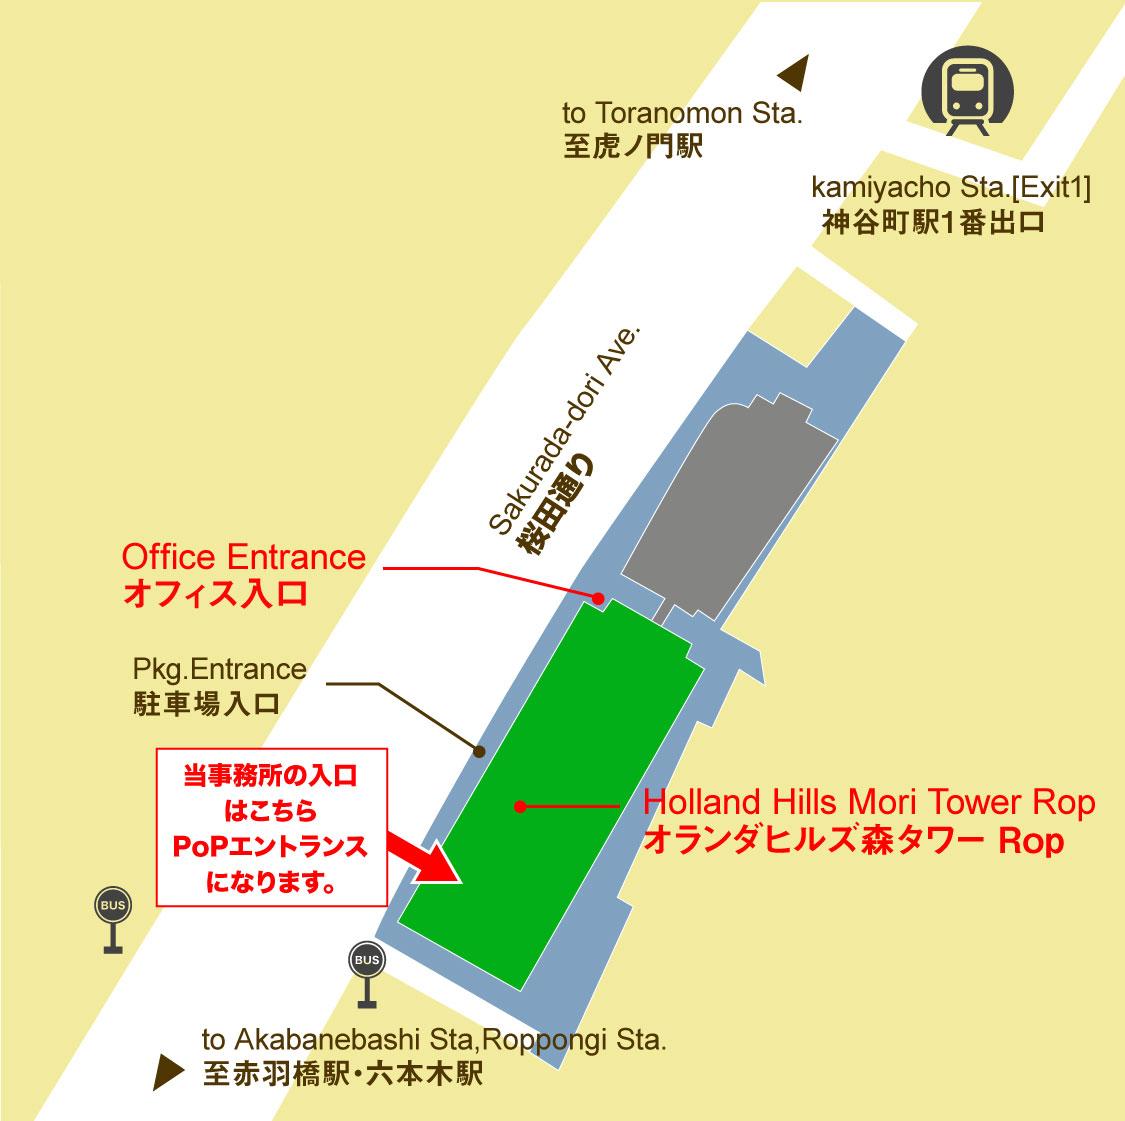 エントランスマップ